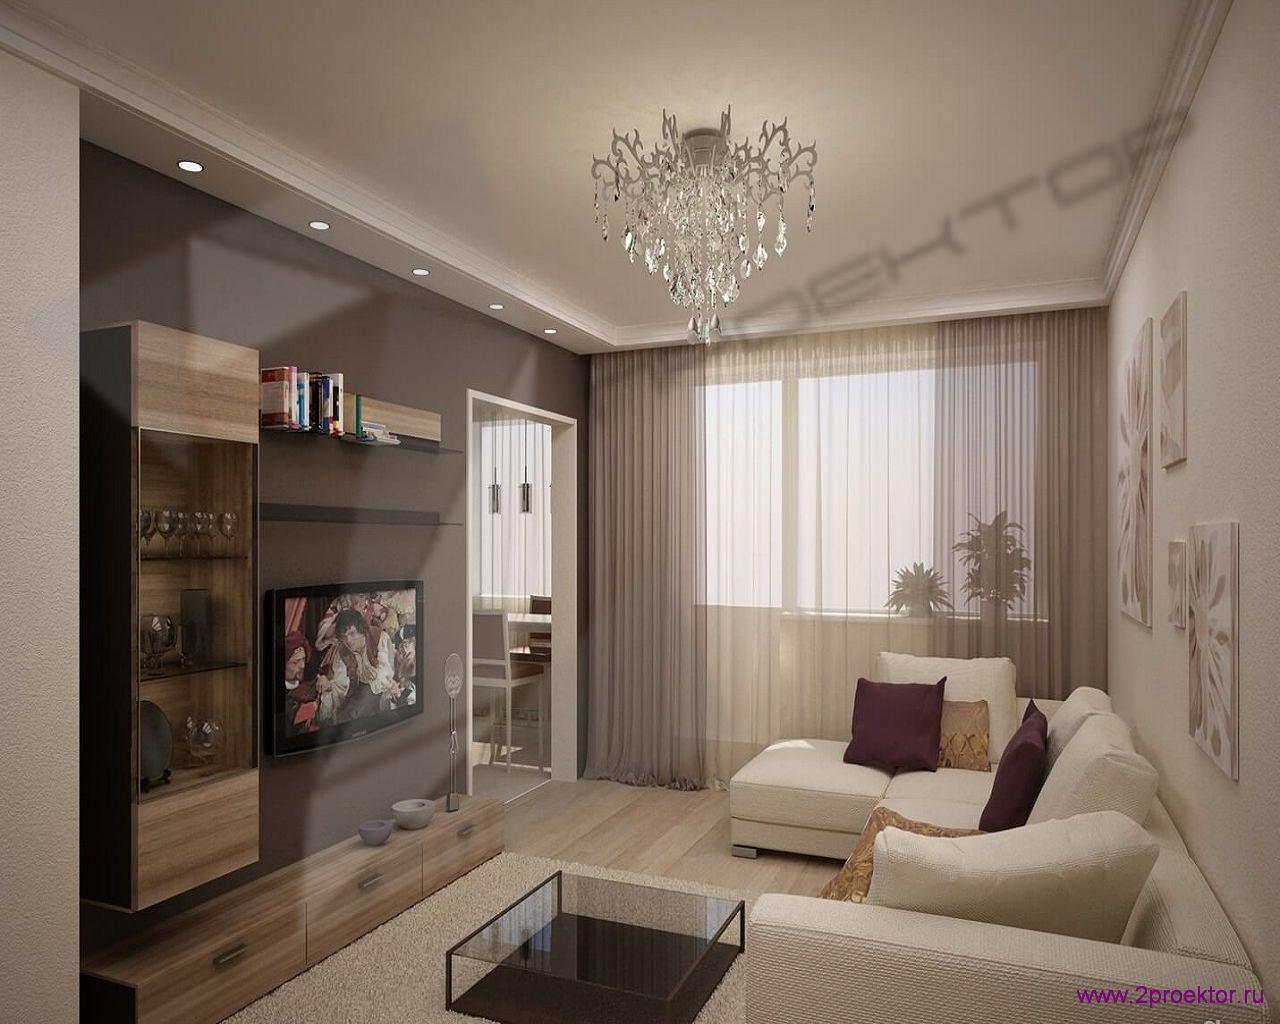 Дизайн гостиной в Жилом комплексе Шмитовский.